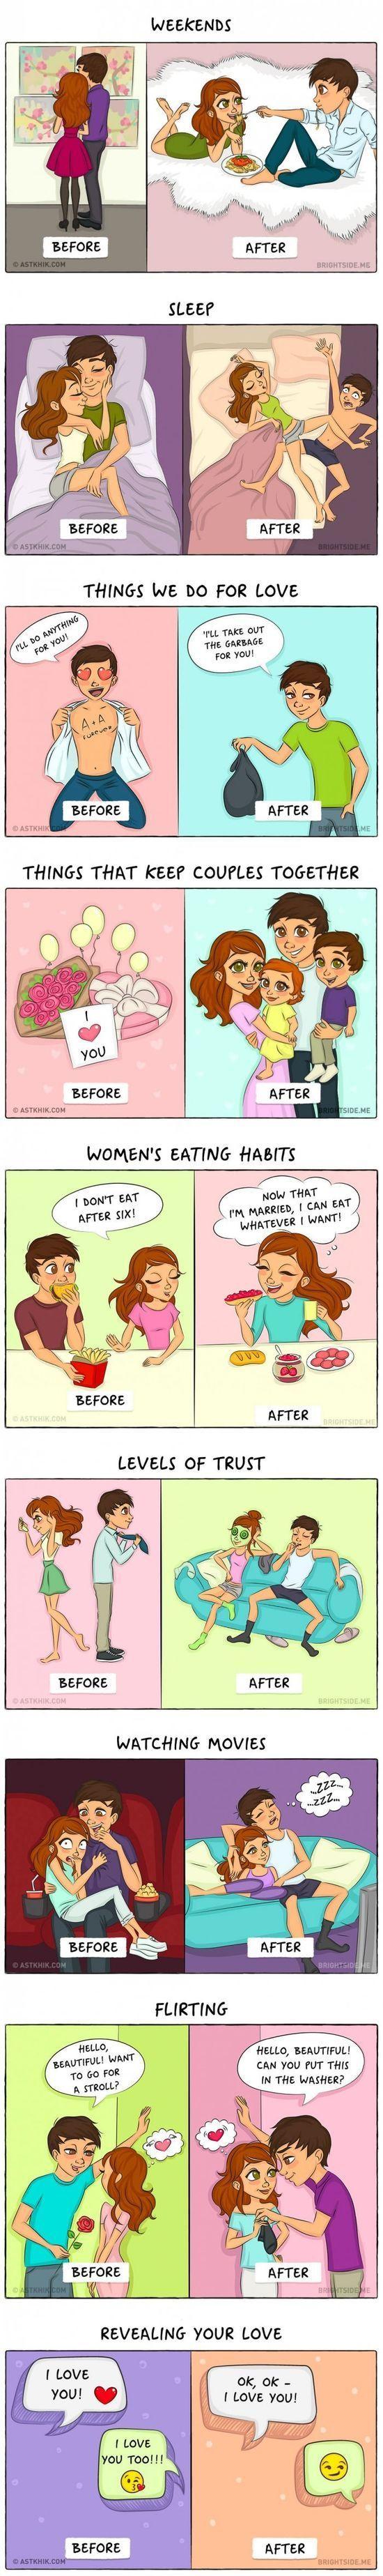 Dating vs relationship meme